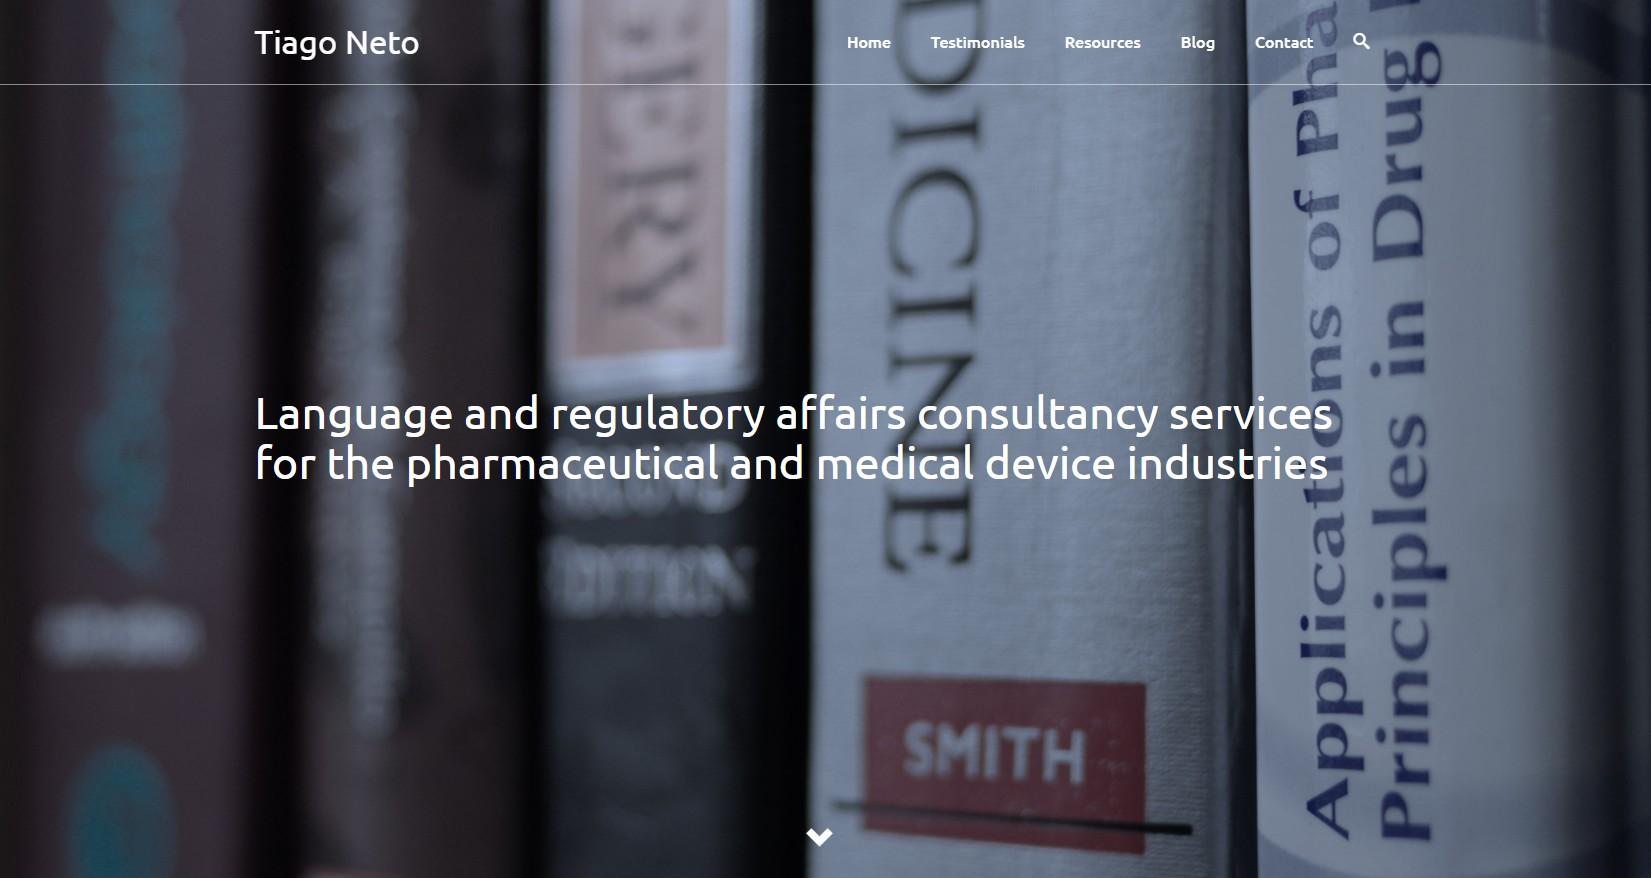 Website tiagoneto.com